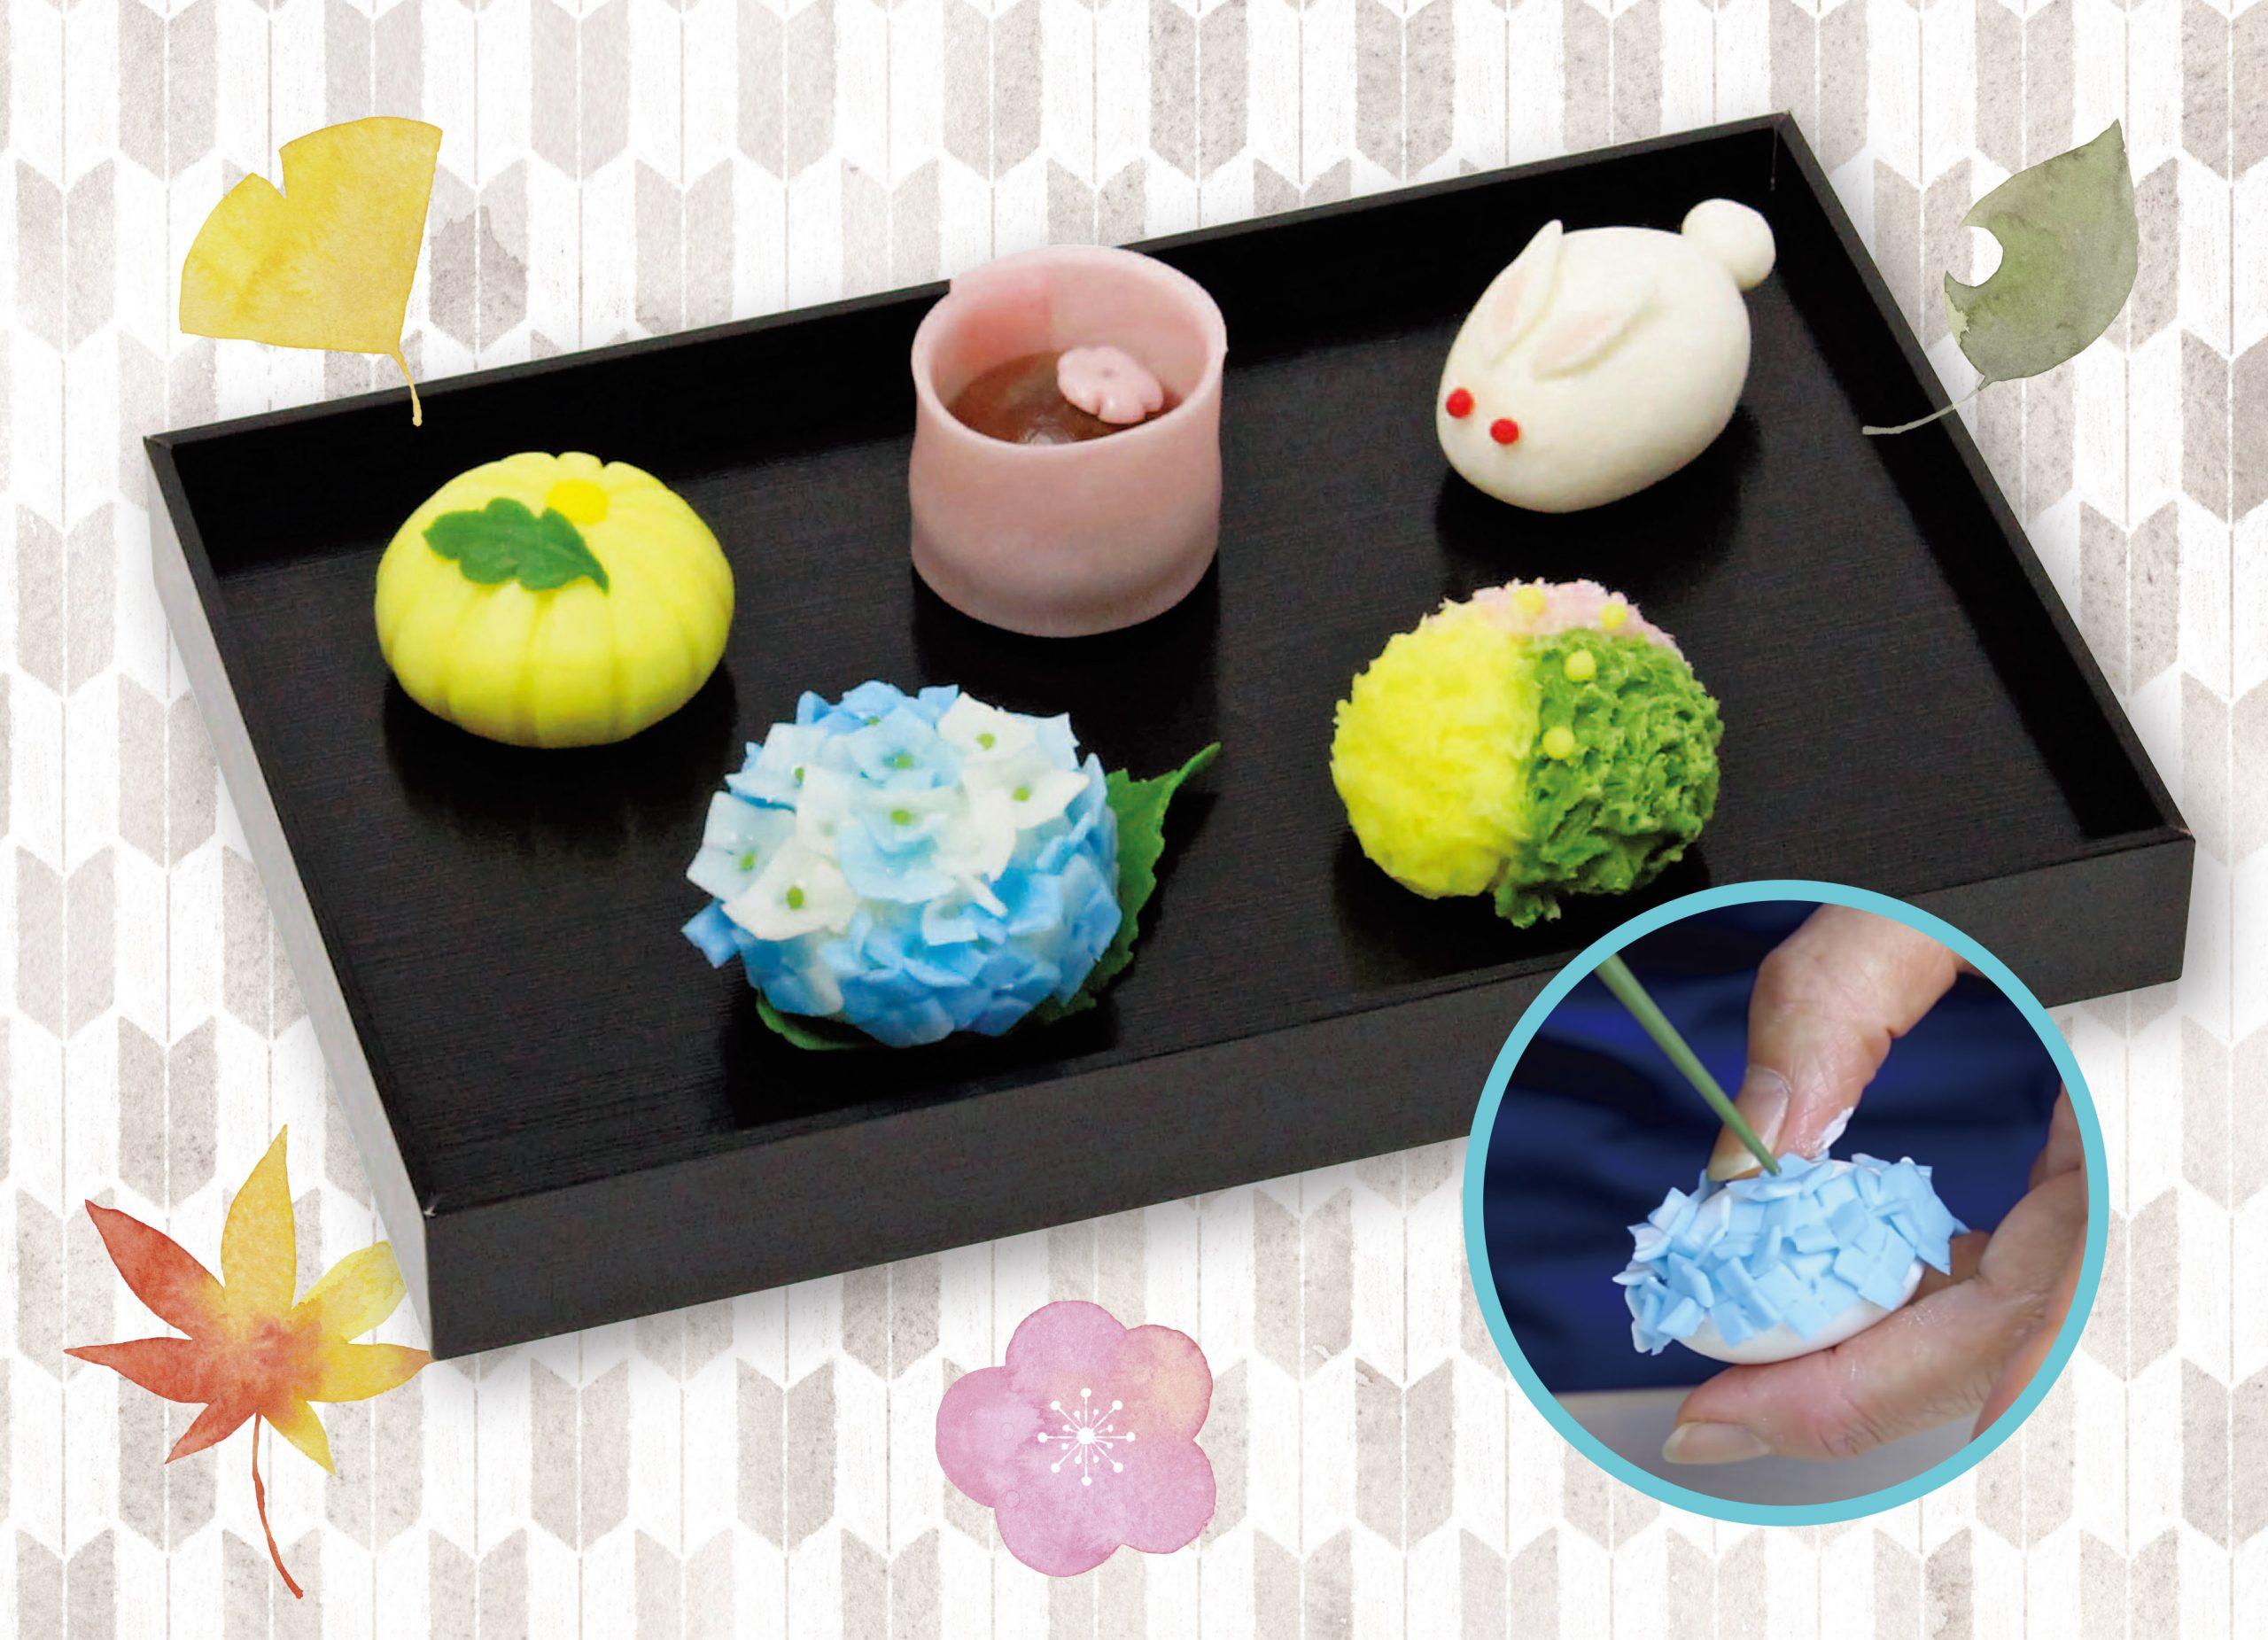 樹脂ねんどで四季を感じる和菓子をつくろう!のメイン画像